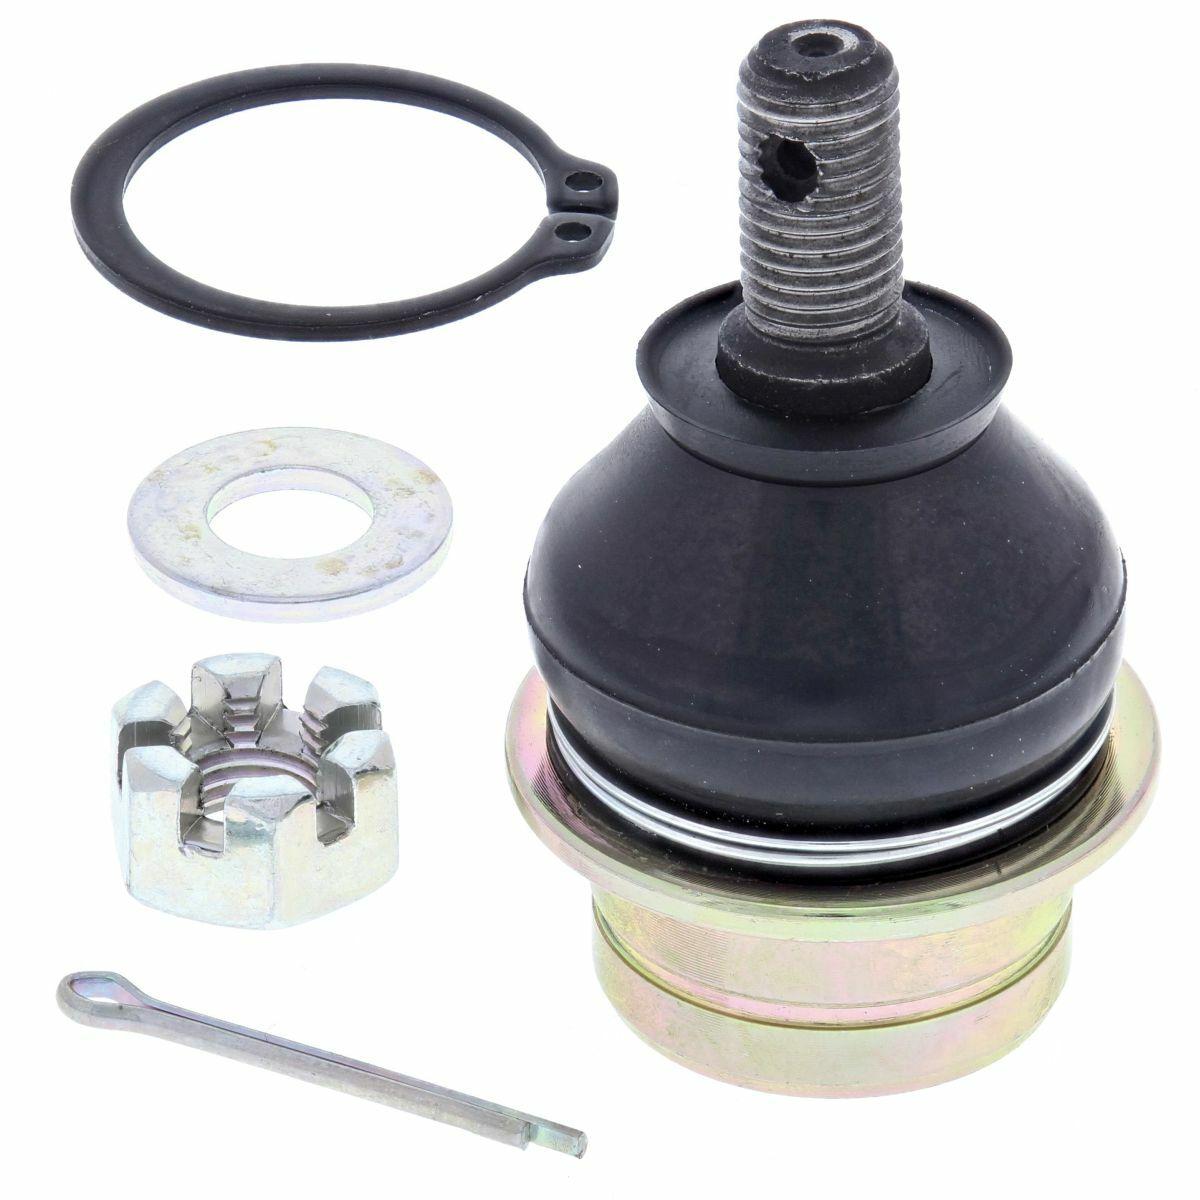 Obrázek produktu Kulový kloub svislého čepu All Balls Racing Horní